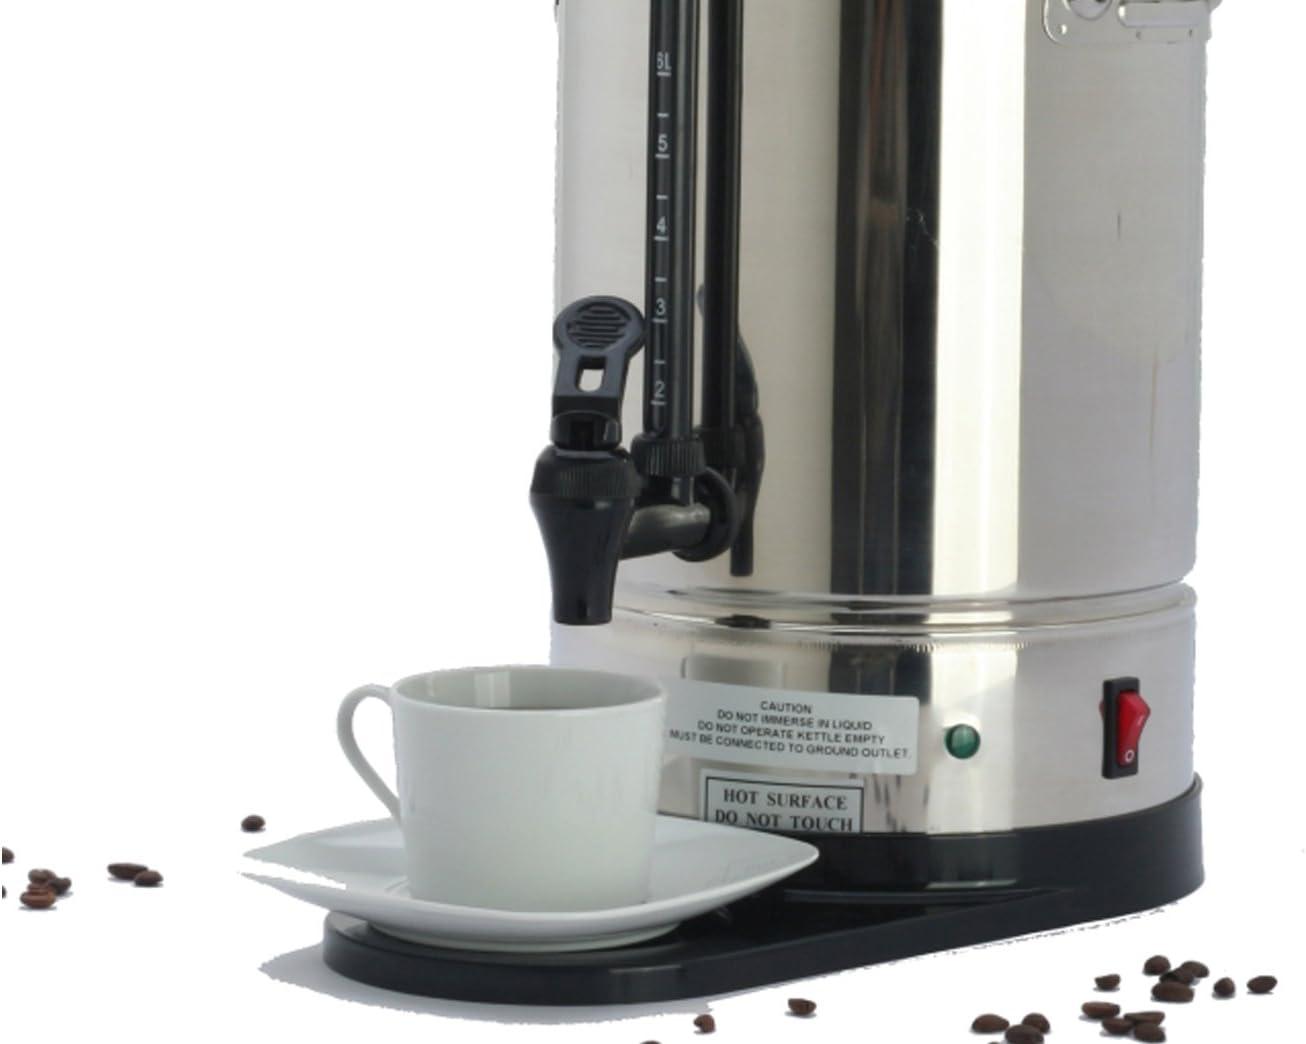 Cafetera eléctrica profesional de acero inoxidable, 6 litros, 2 sistemas de calefacción, 1150 vatios; KB06 GGG: Amazon.es: Hogar